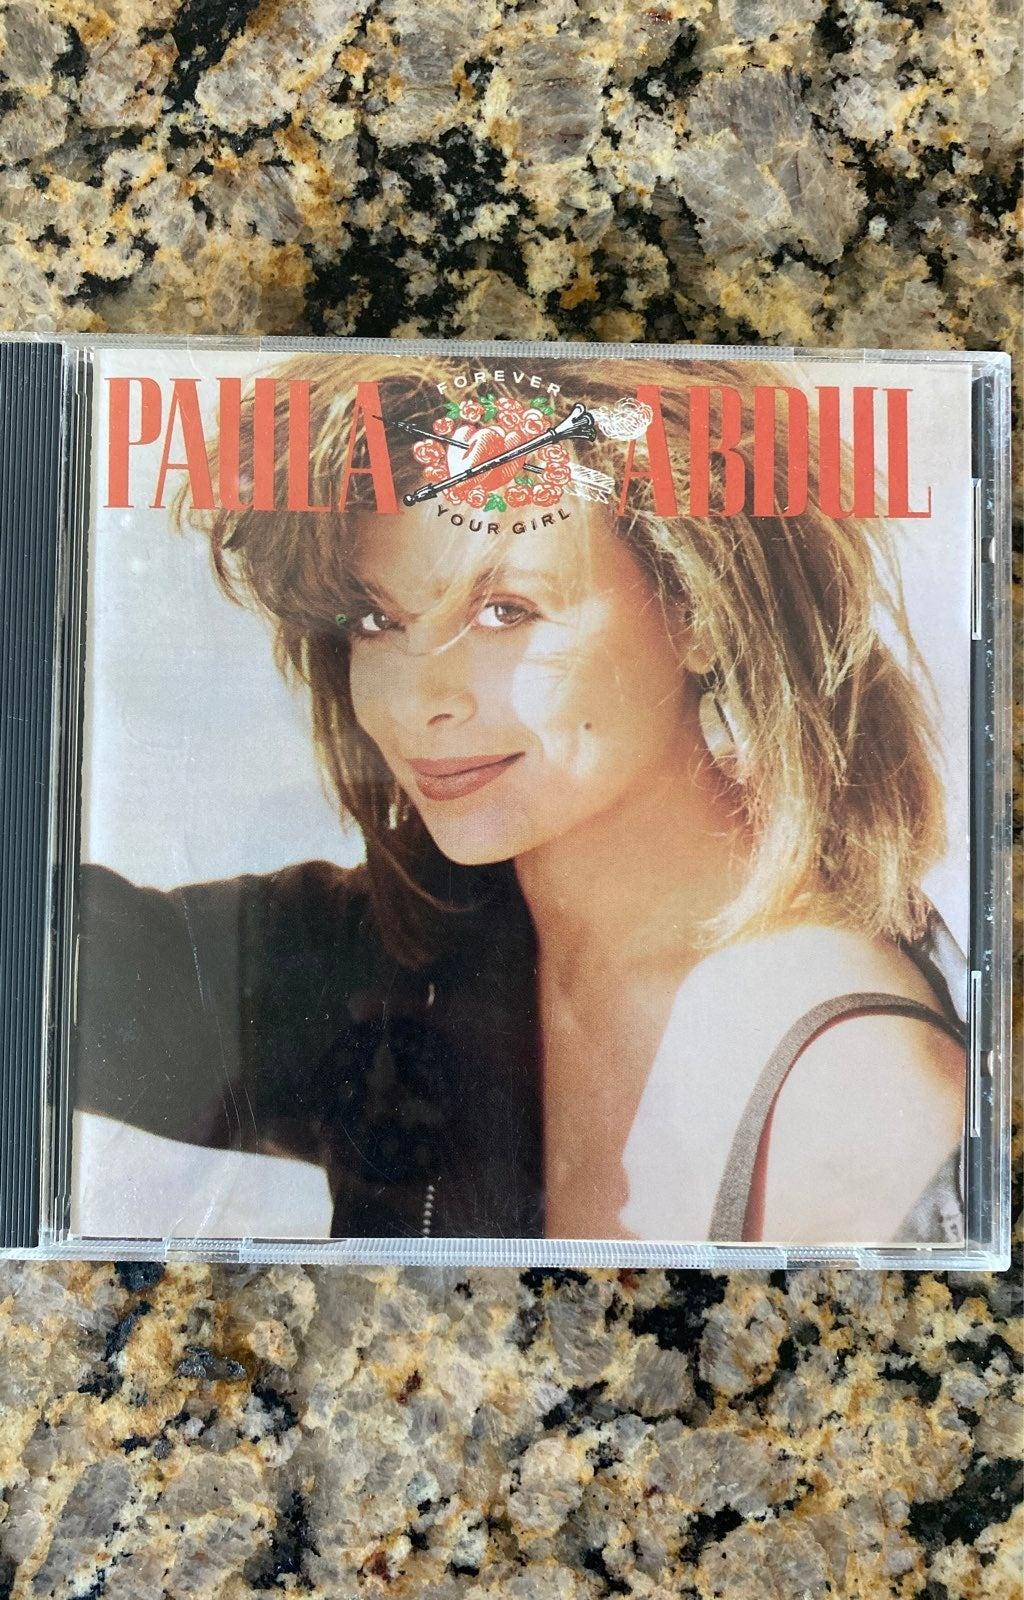 Paula Abdul CD